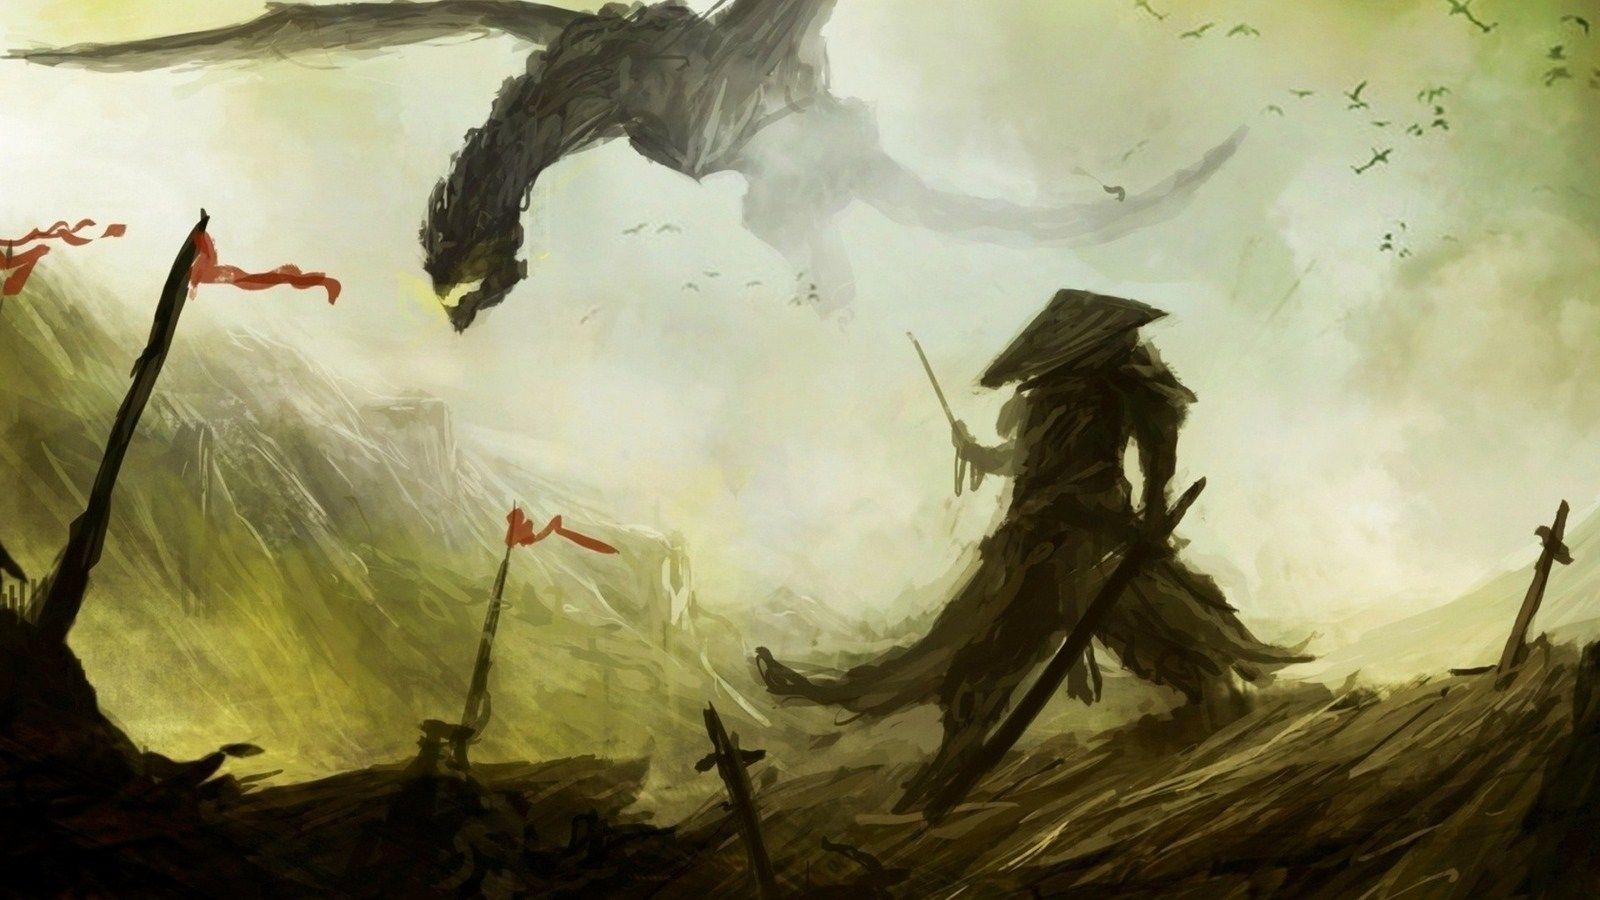 Pin By Ashley Cole On Dragons 3 Samurai Art Samurai